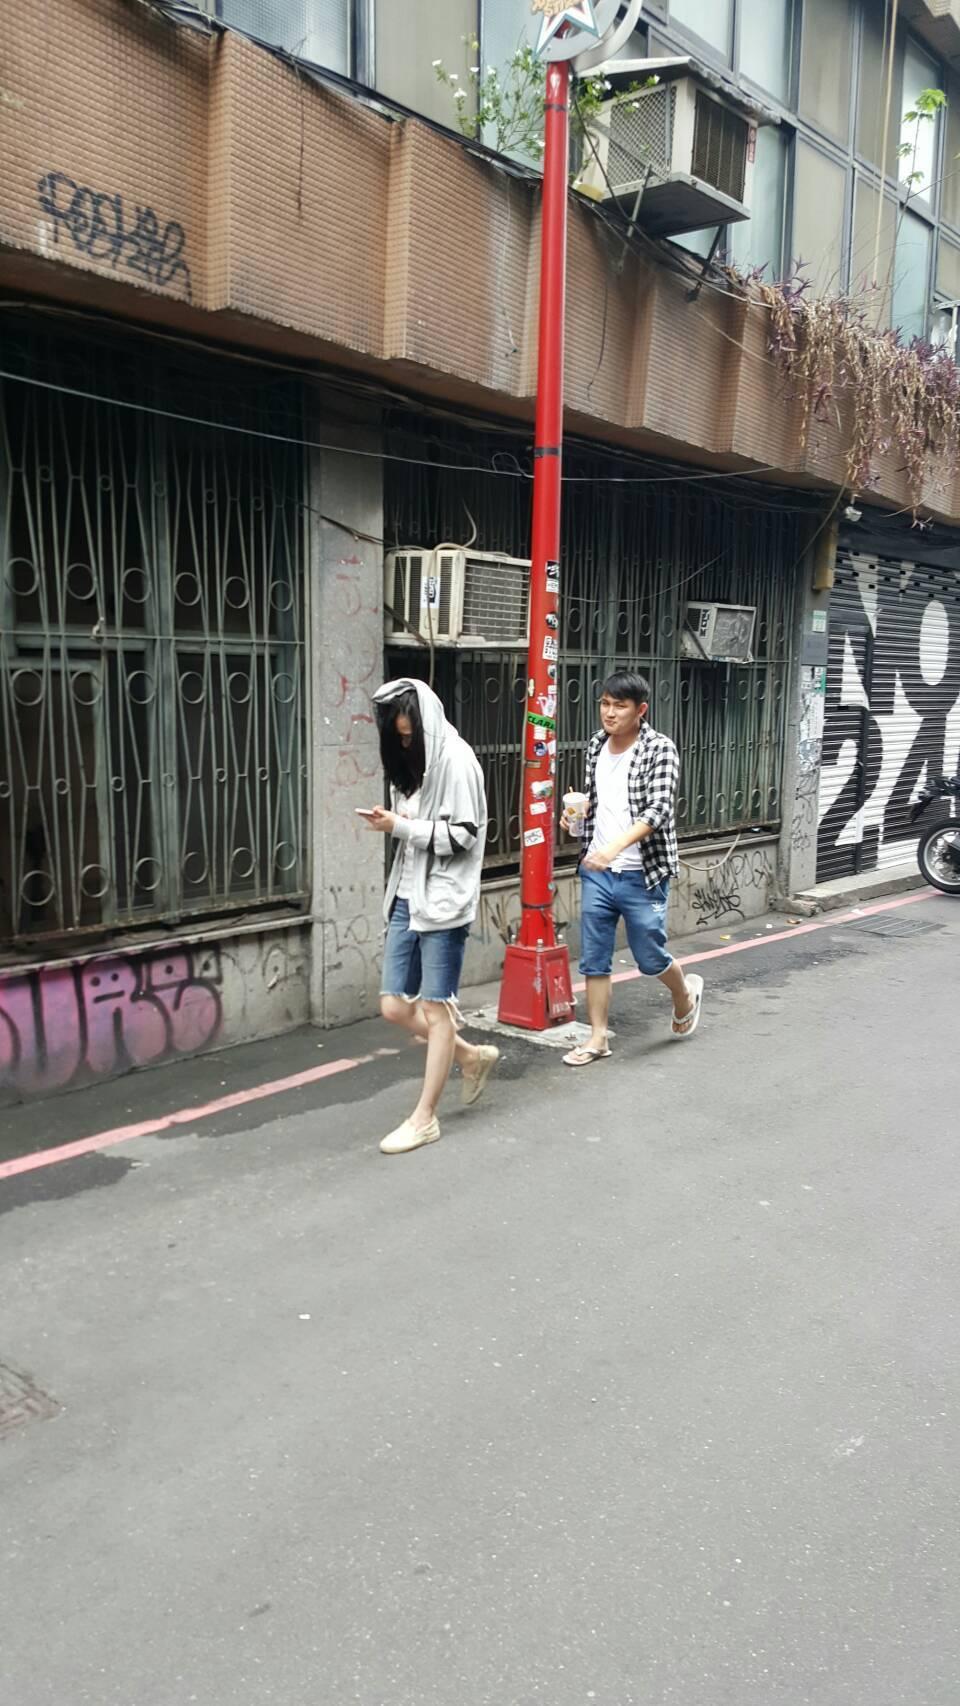 蕭淑慎(左)與男友現身西門巷弄,原本想買漢堡,沒想到被媒體逮個正著。記者杜沛學/...